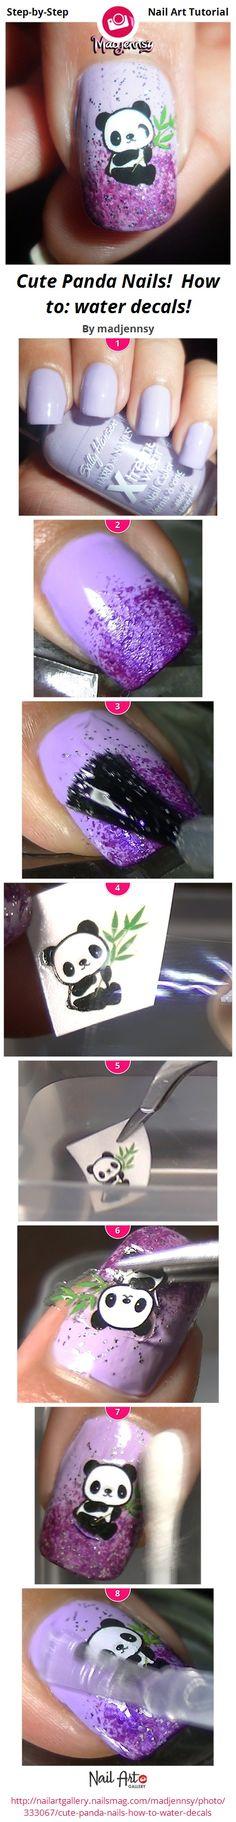 Cute Panda Nails!  How to: water decals! by madjennsy - Nail Art Gallery Step-by-Step Tutorials nailartgallery.nailsmag.com by Nails Magazine www.nailsmag.com #nailart